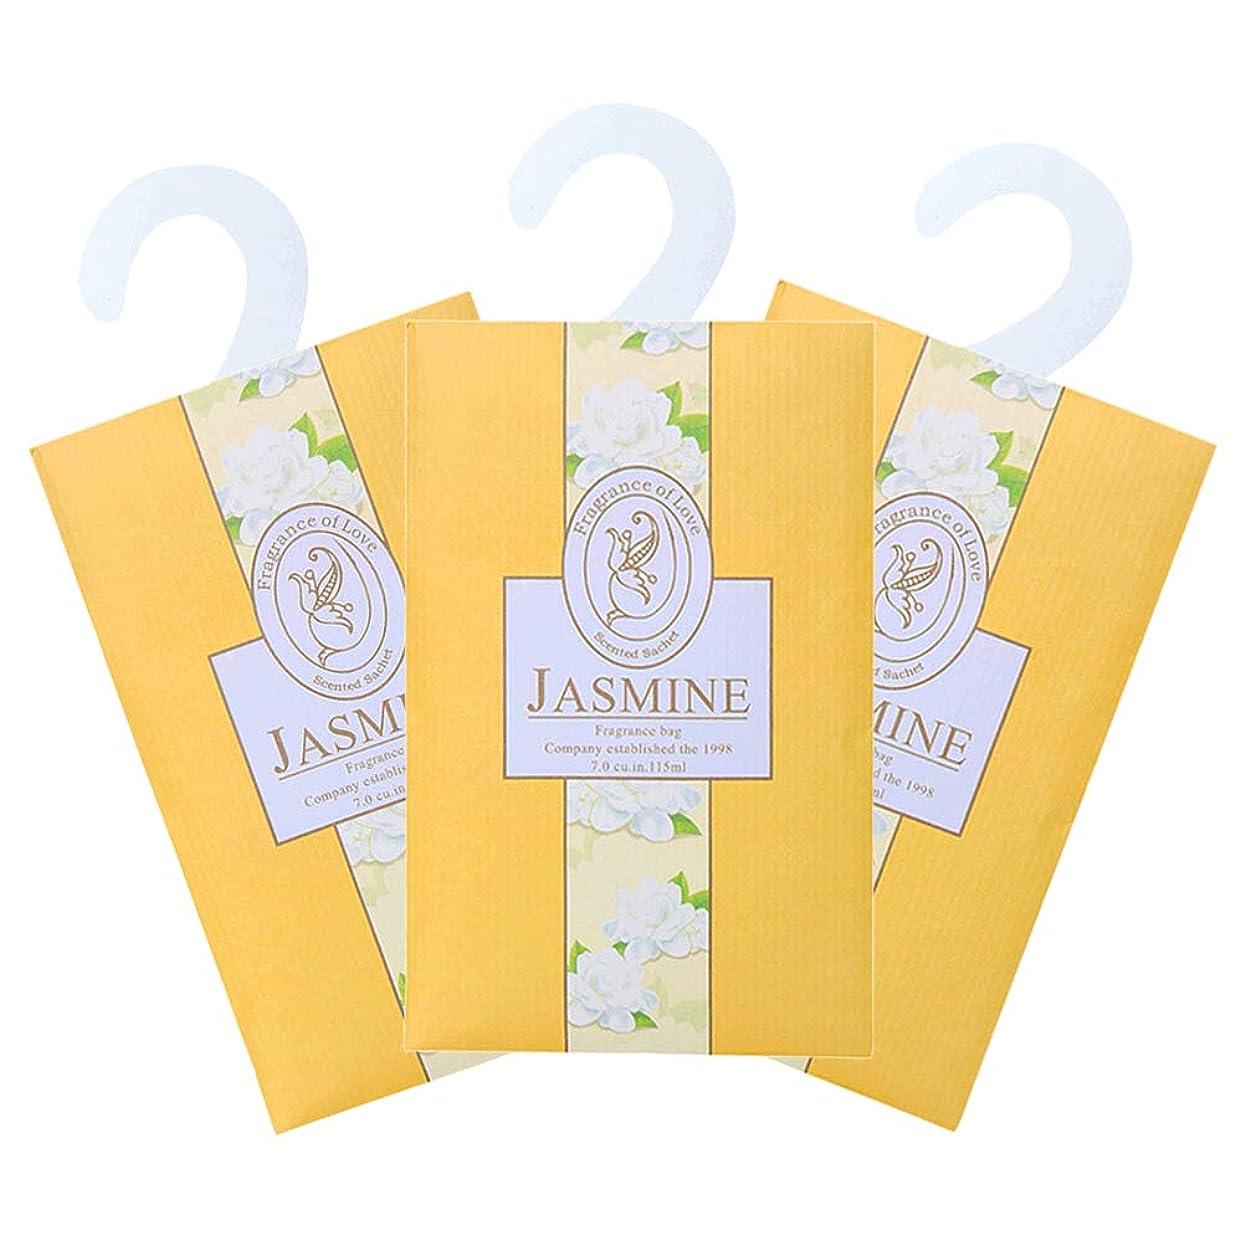 移住する滅びるドローTINKSKY 香り袋 サシェ 3枚セット 花の香り ルームフレグランス 車内用 玄関用 部屋用 芳香剤(ジャスミン)